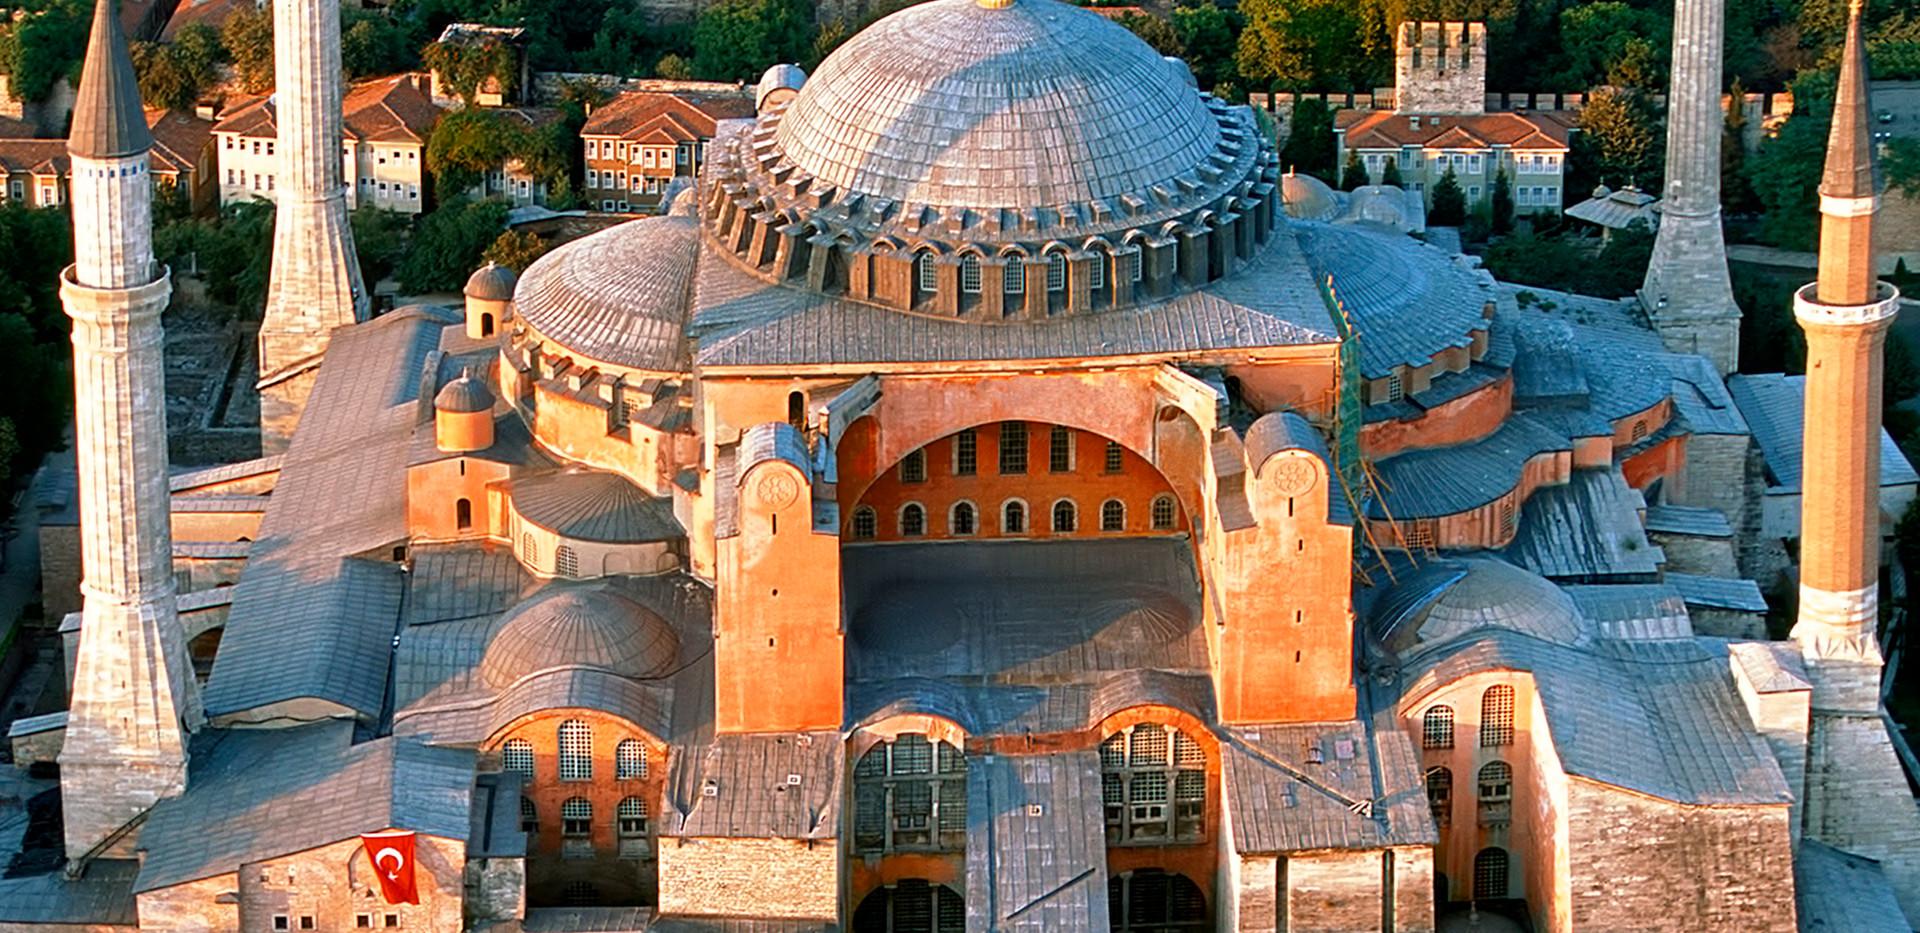 HAGIA SOPHIA MUSEUM / ISTANBUL